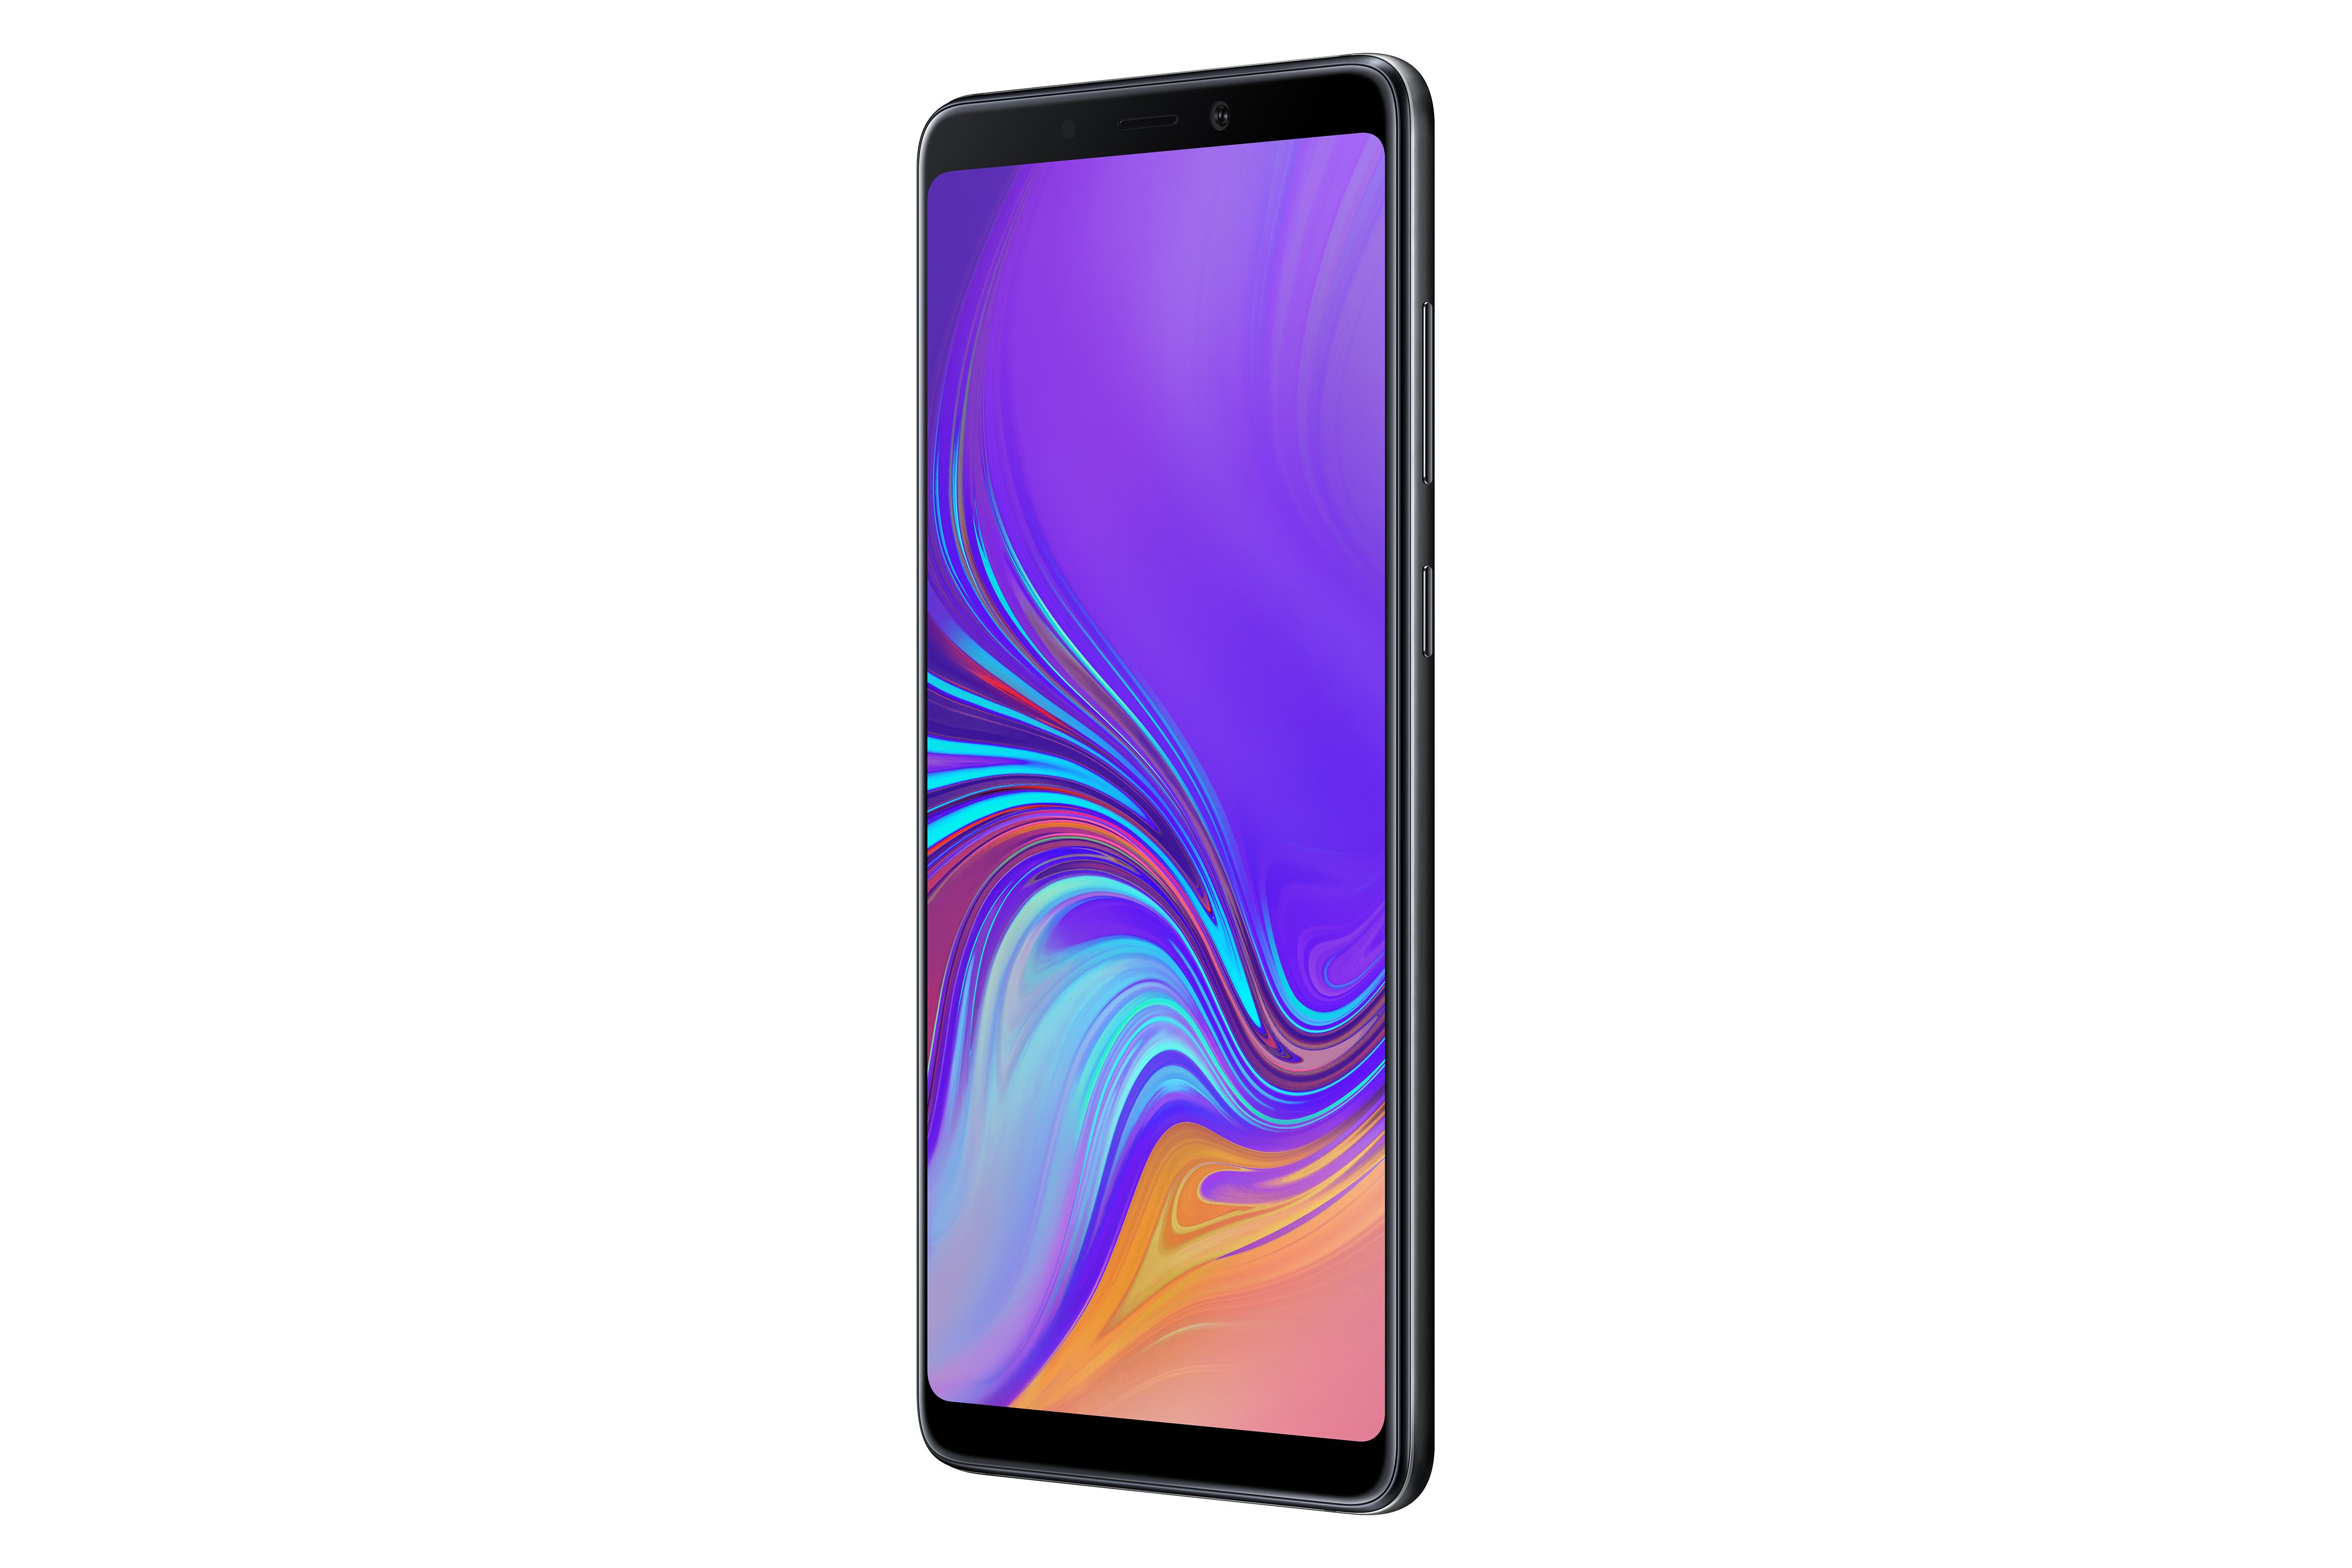 Tiedote: Samsung Galaxy A9 – ensimmäinen neljän takakameran älypuhelin